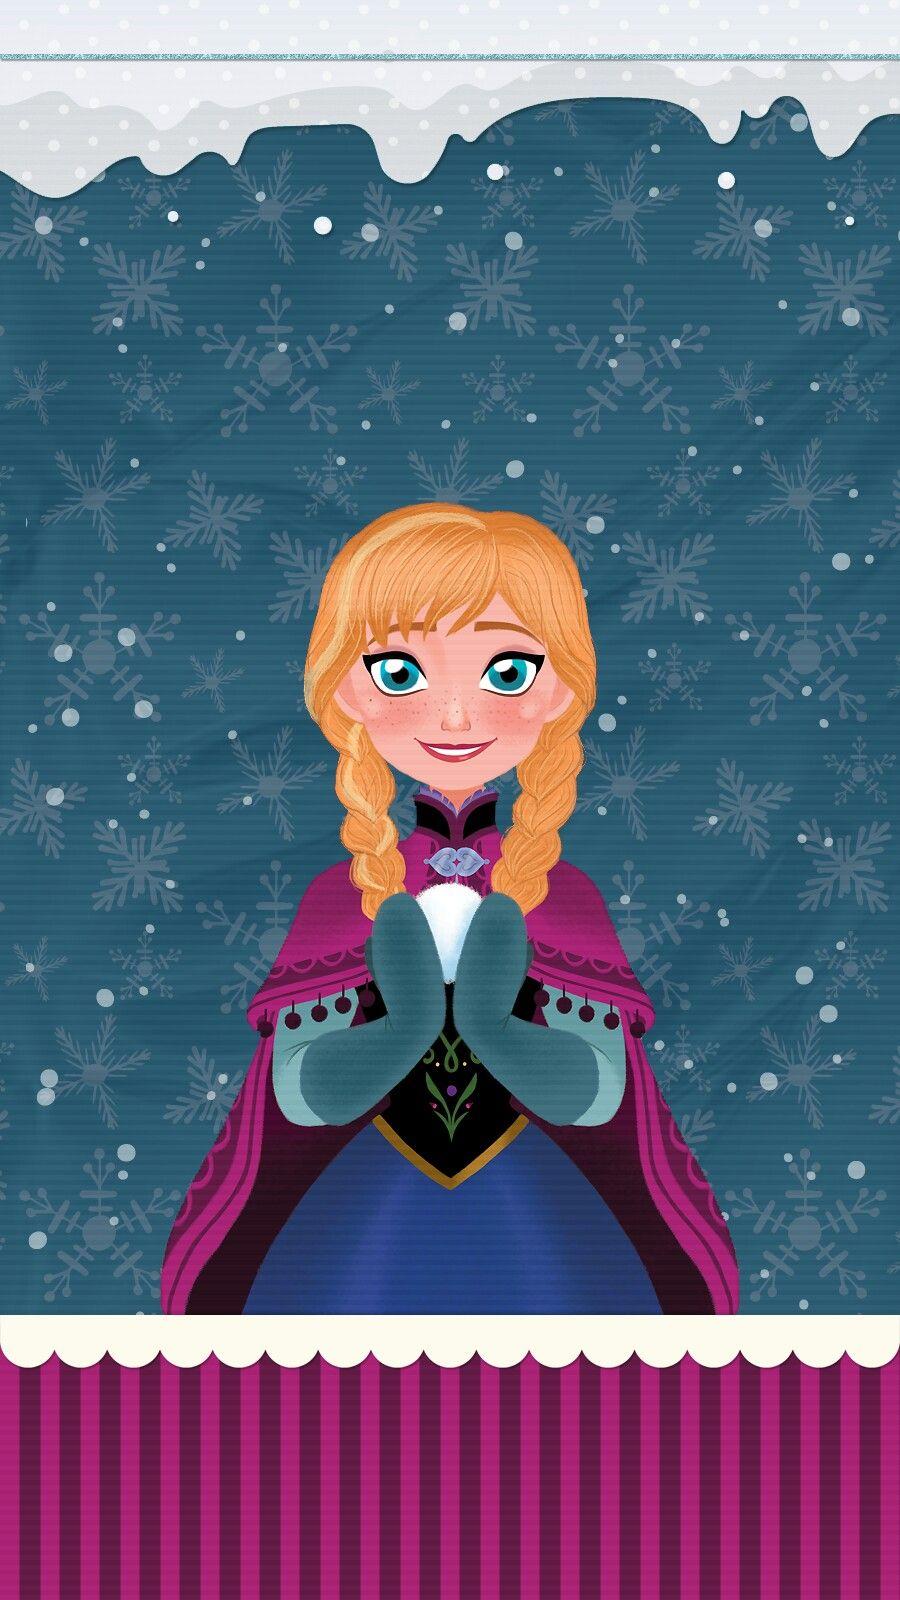 Frozen Anna Elsa Wallpaper Iphone Android Imagenes De Fondo